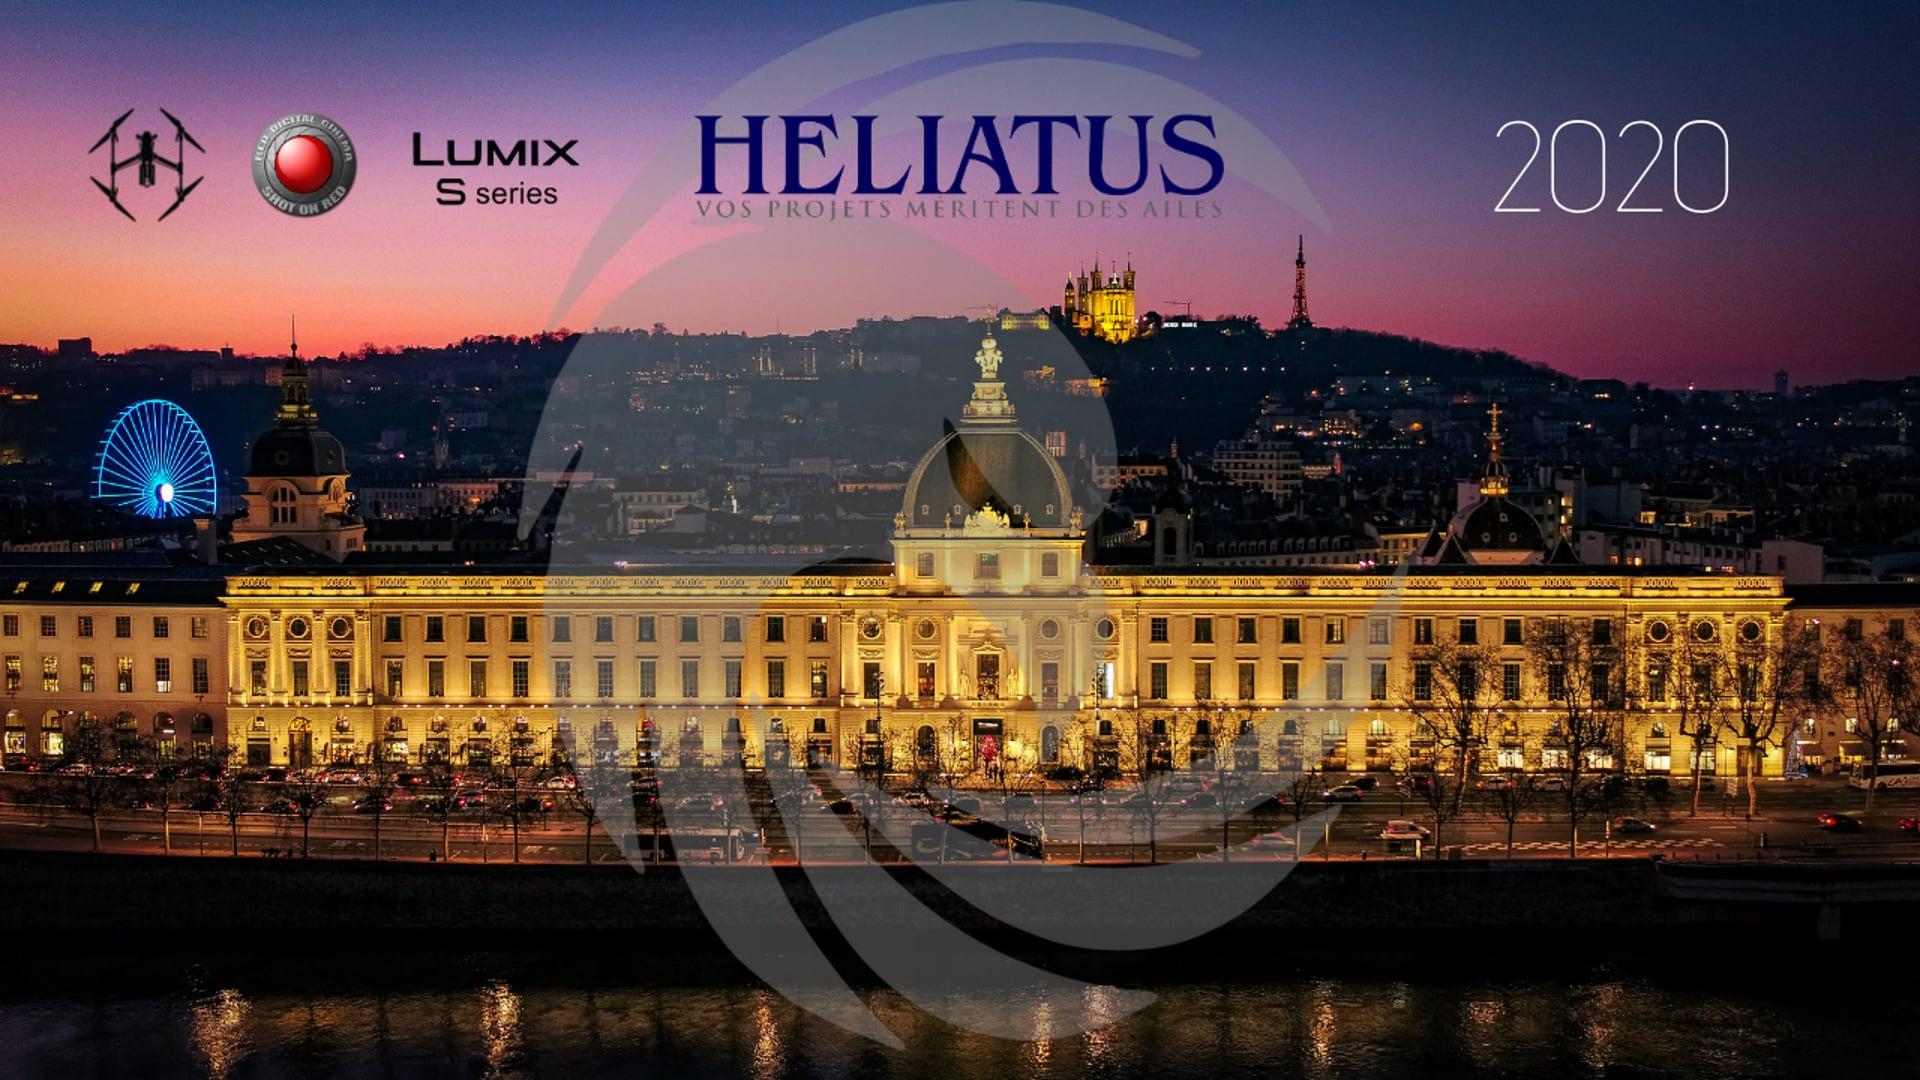 HELIATUS 2020